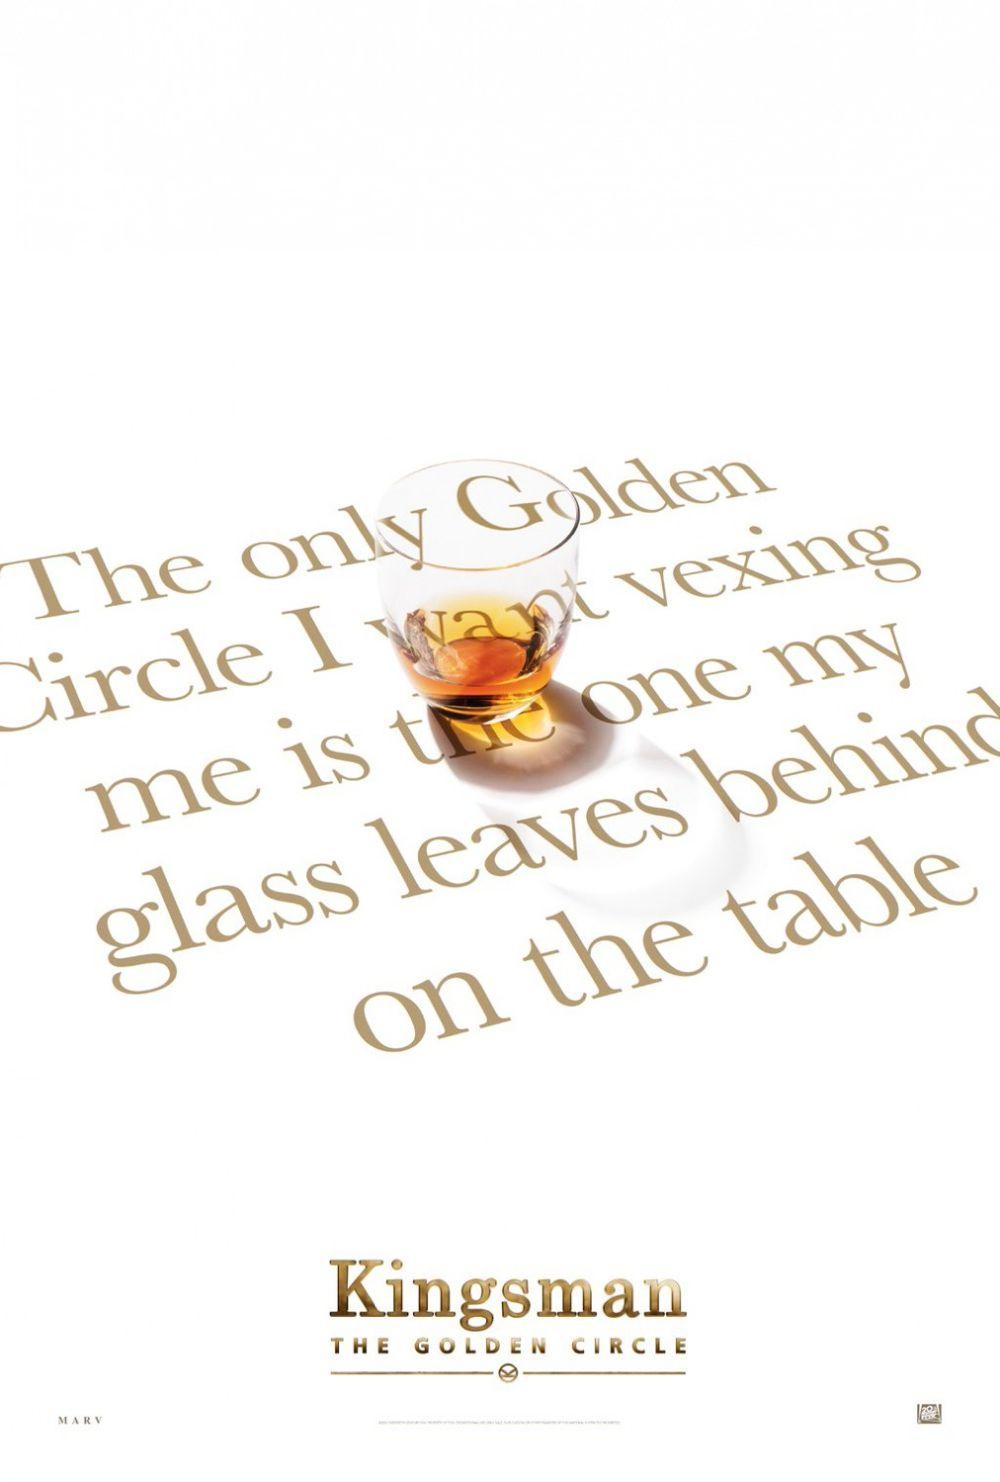 KINGSMAN THE GOLDEN CIRCLE Poster 3